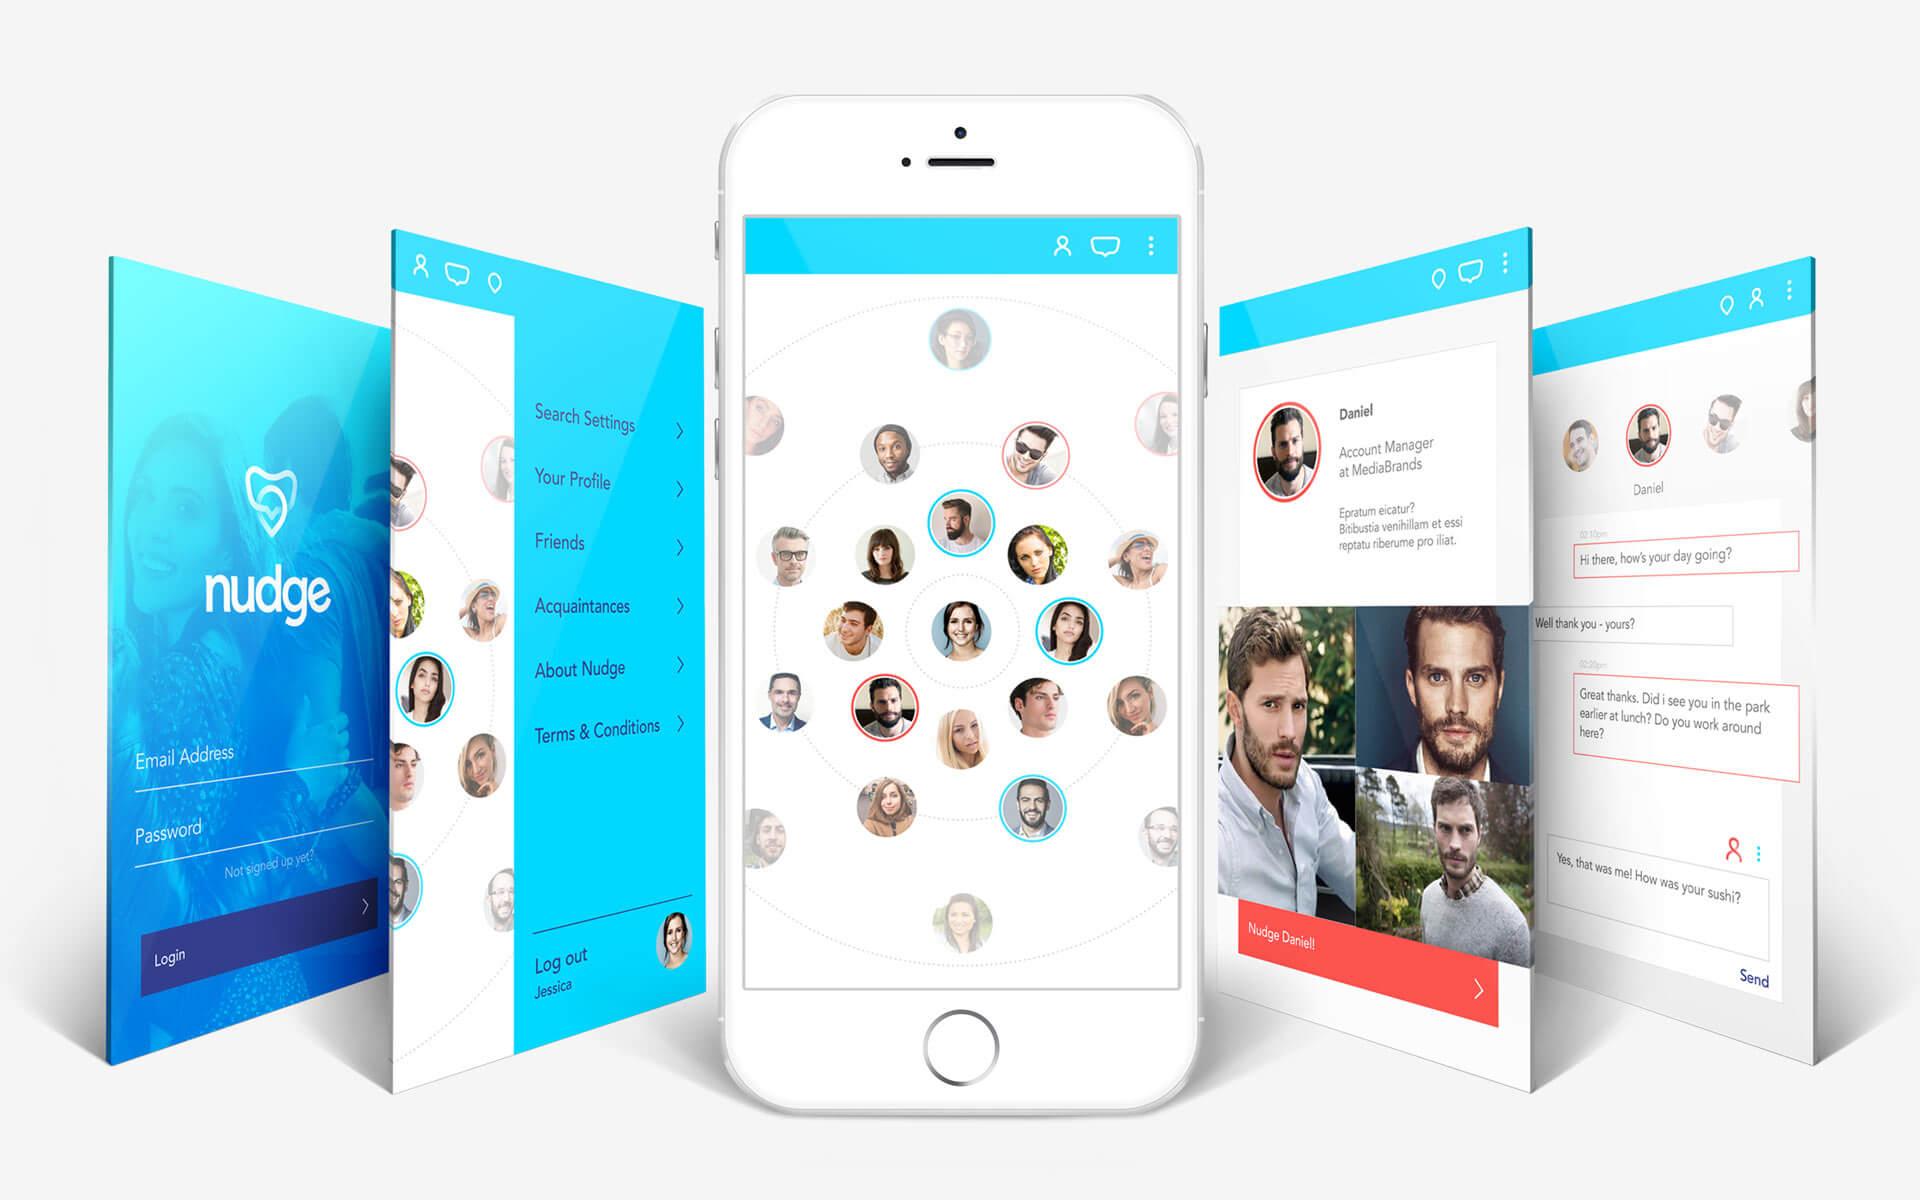 Nudge App UX Design